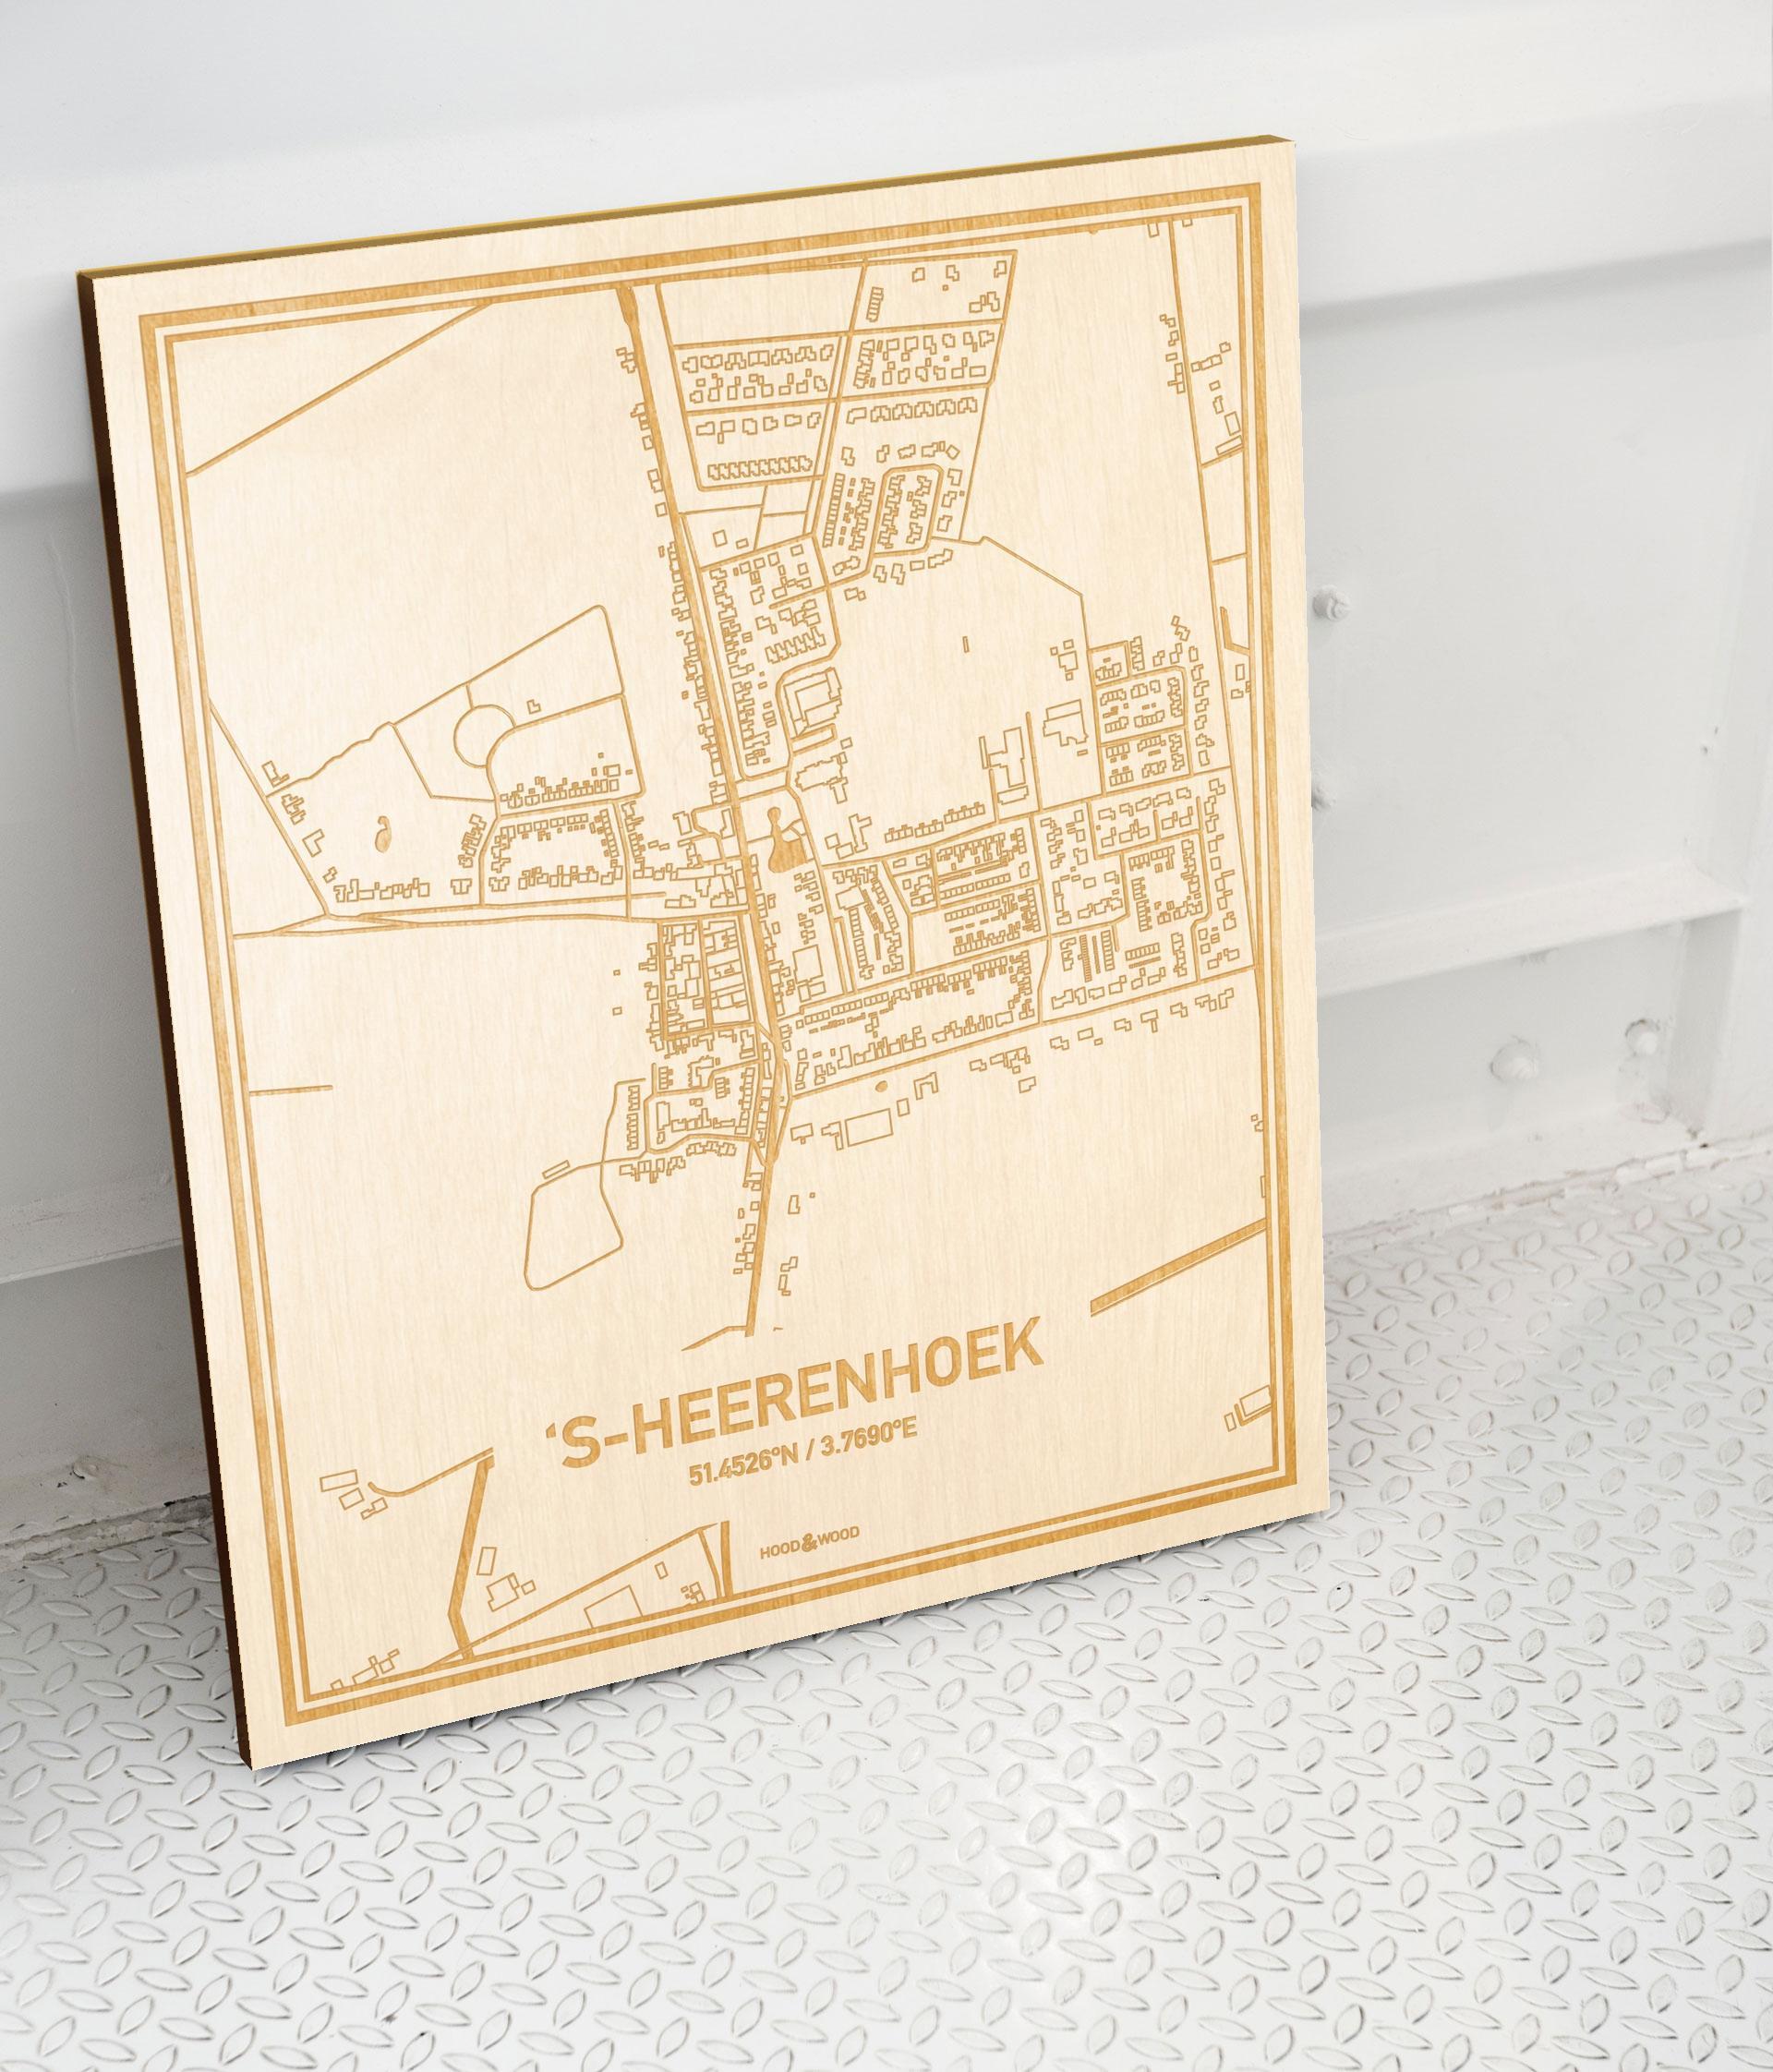 Plattegrond 's-Heerenhoek als prachtige houten wanddecoratie. Het warme hout contrasteert mooi met de witte muur.